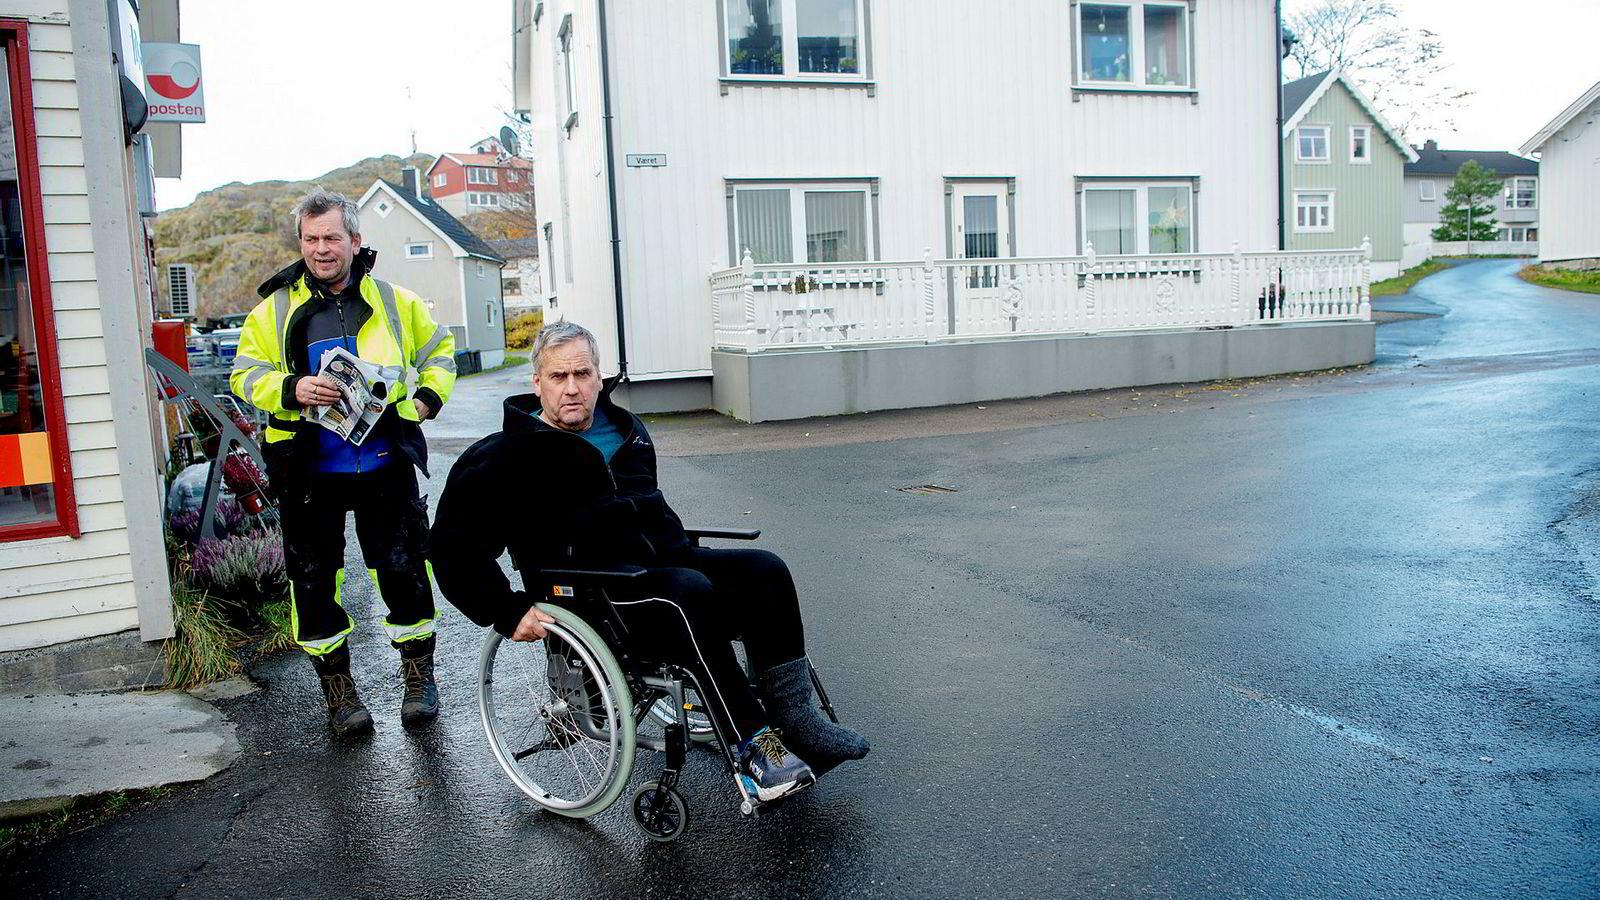 Lasteleder Helge Rishatt (til venstre) og arbeider Børge Rishatt har begge jobbet en mannsalder på Ellingsen Seafood Skrova. Selskapet er hjørnestensbedrift med eget slakteri på Skrova.